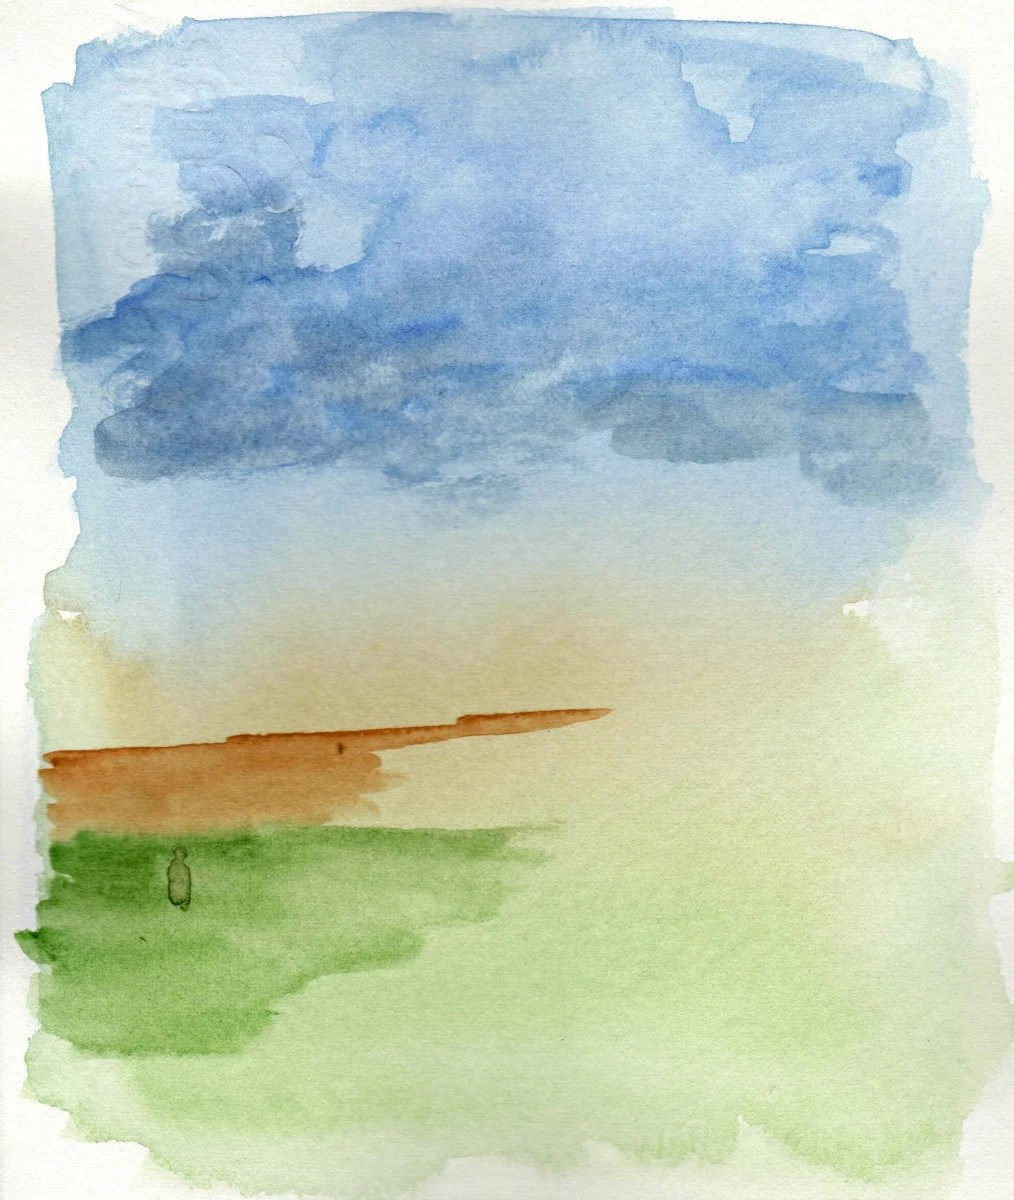 Pittura ad acquerello di un paesaggio astratto naturale con un